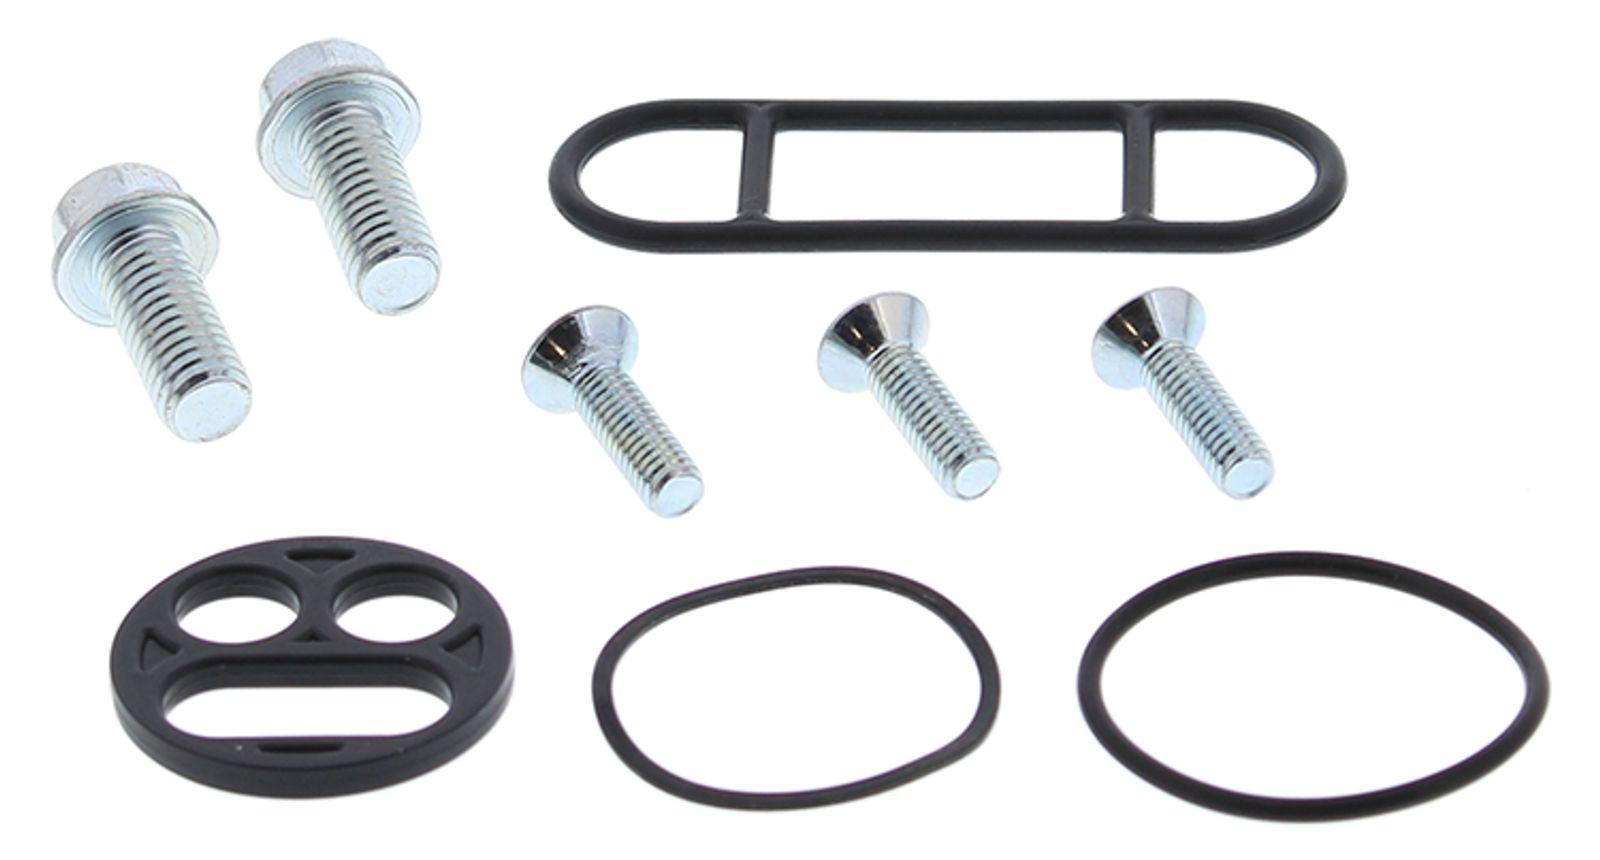 Wrp Fuel Tap Repair Kits - WRP601003 image